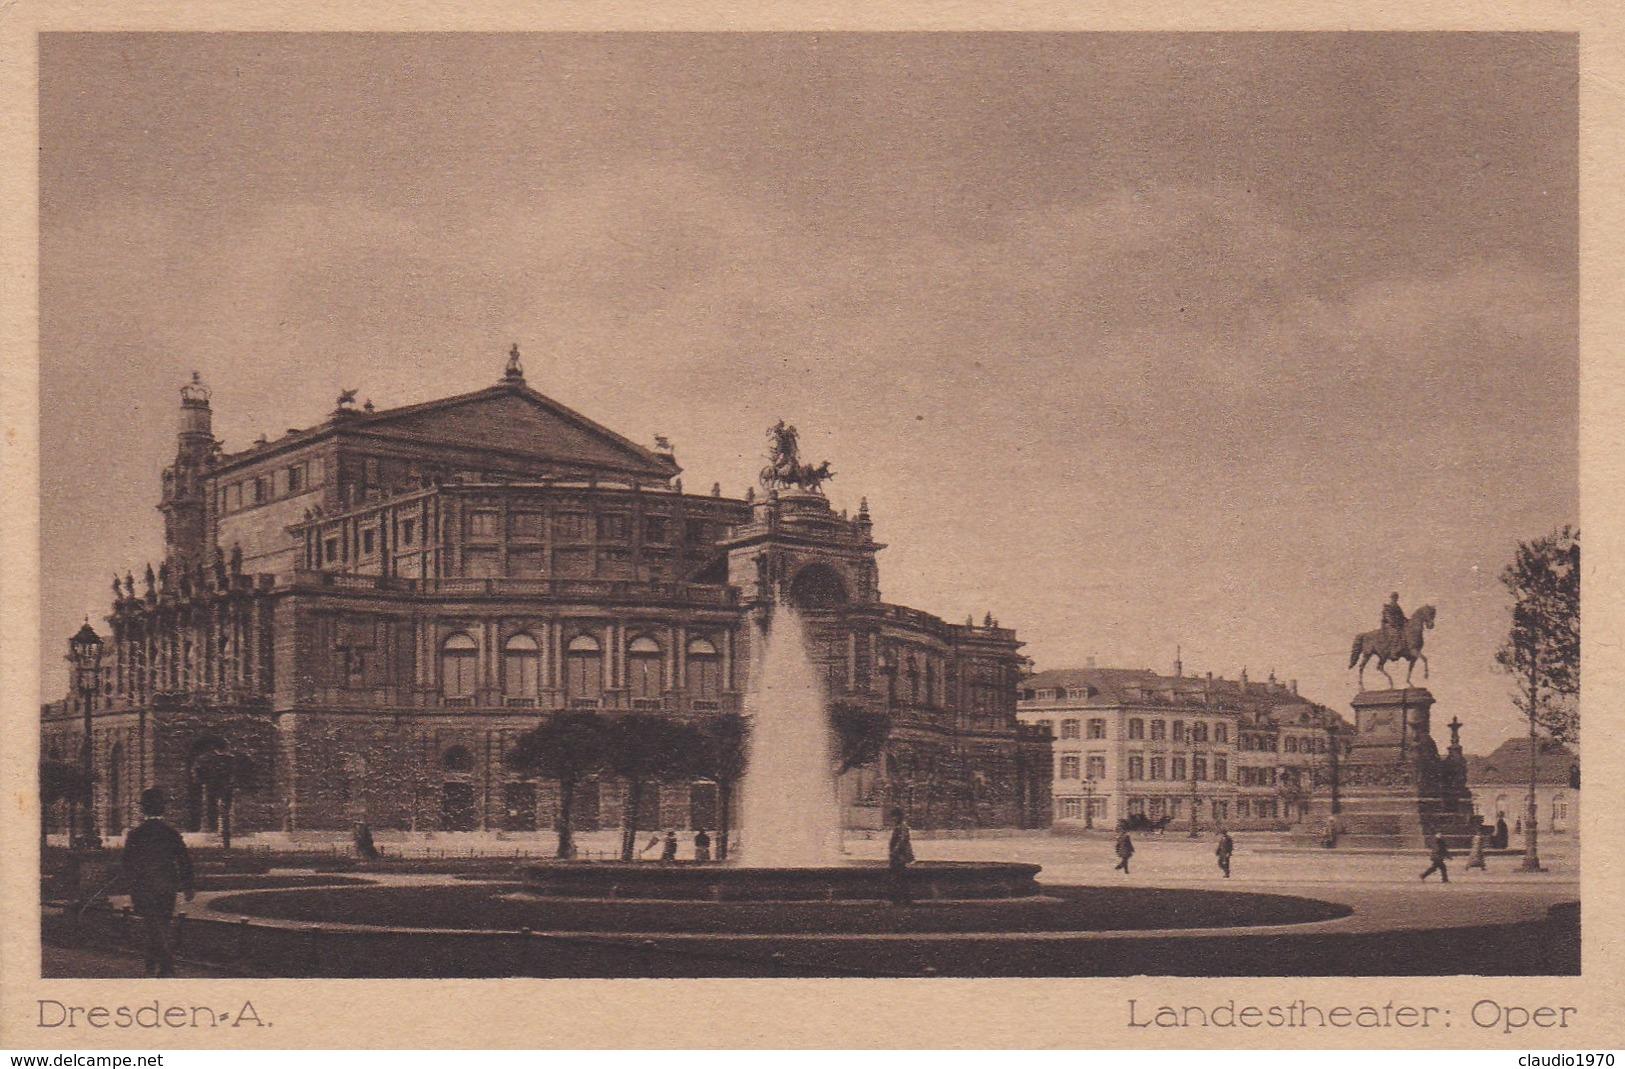 CARTOLINA - POSTCARD - GERMANIA - DRESDEN A. LANDESFHEATER. OPEN - Dresden